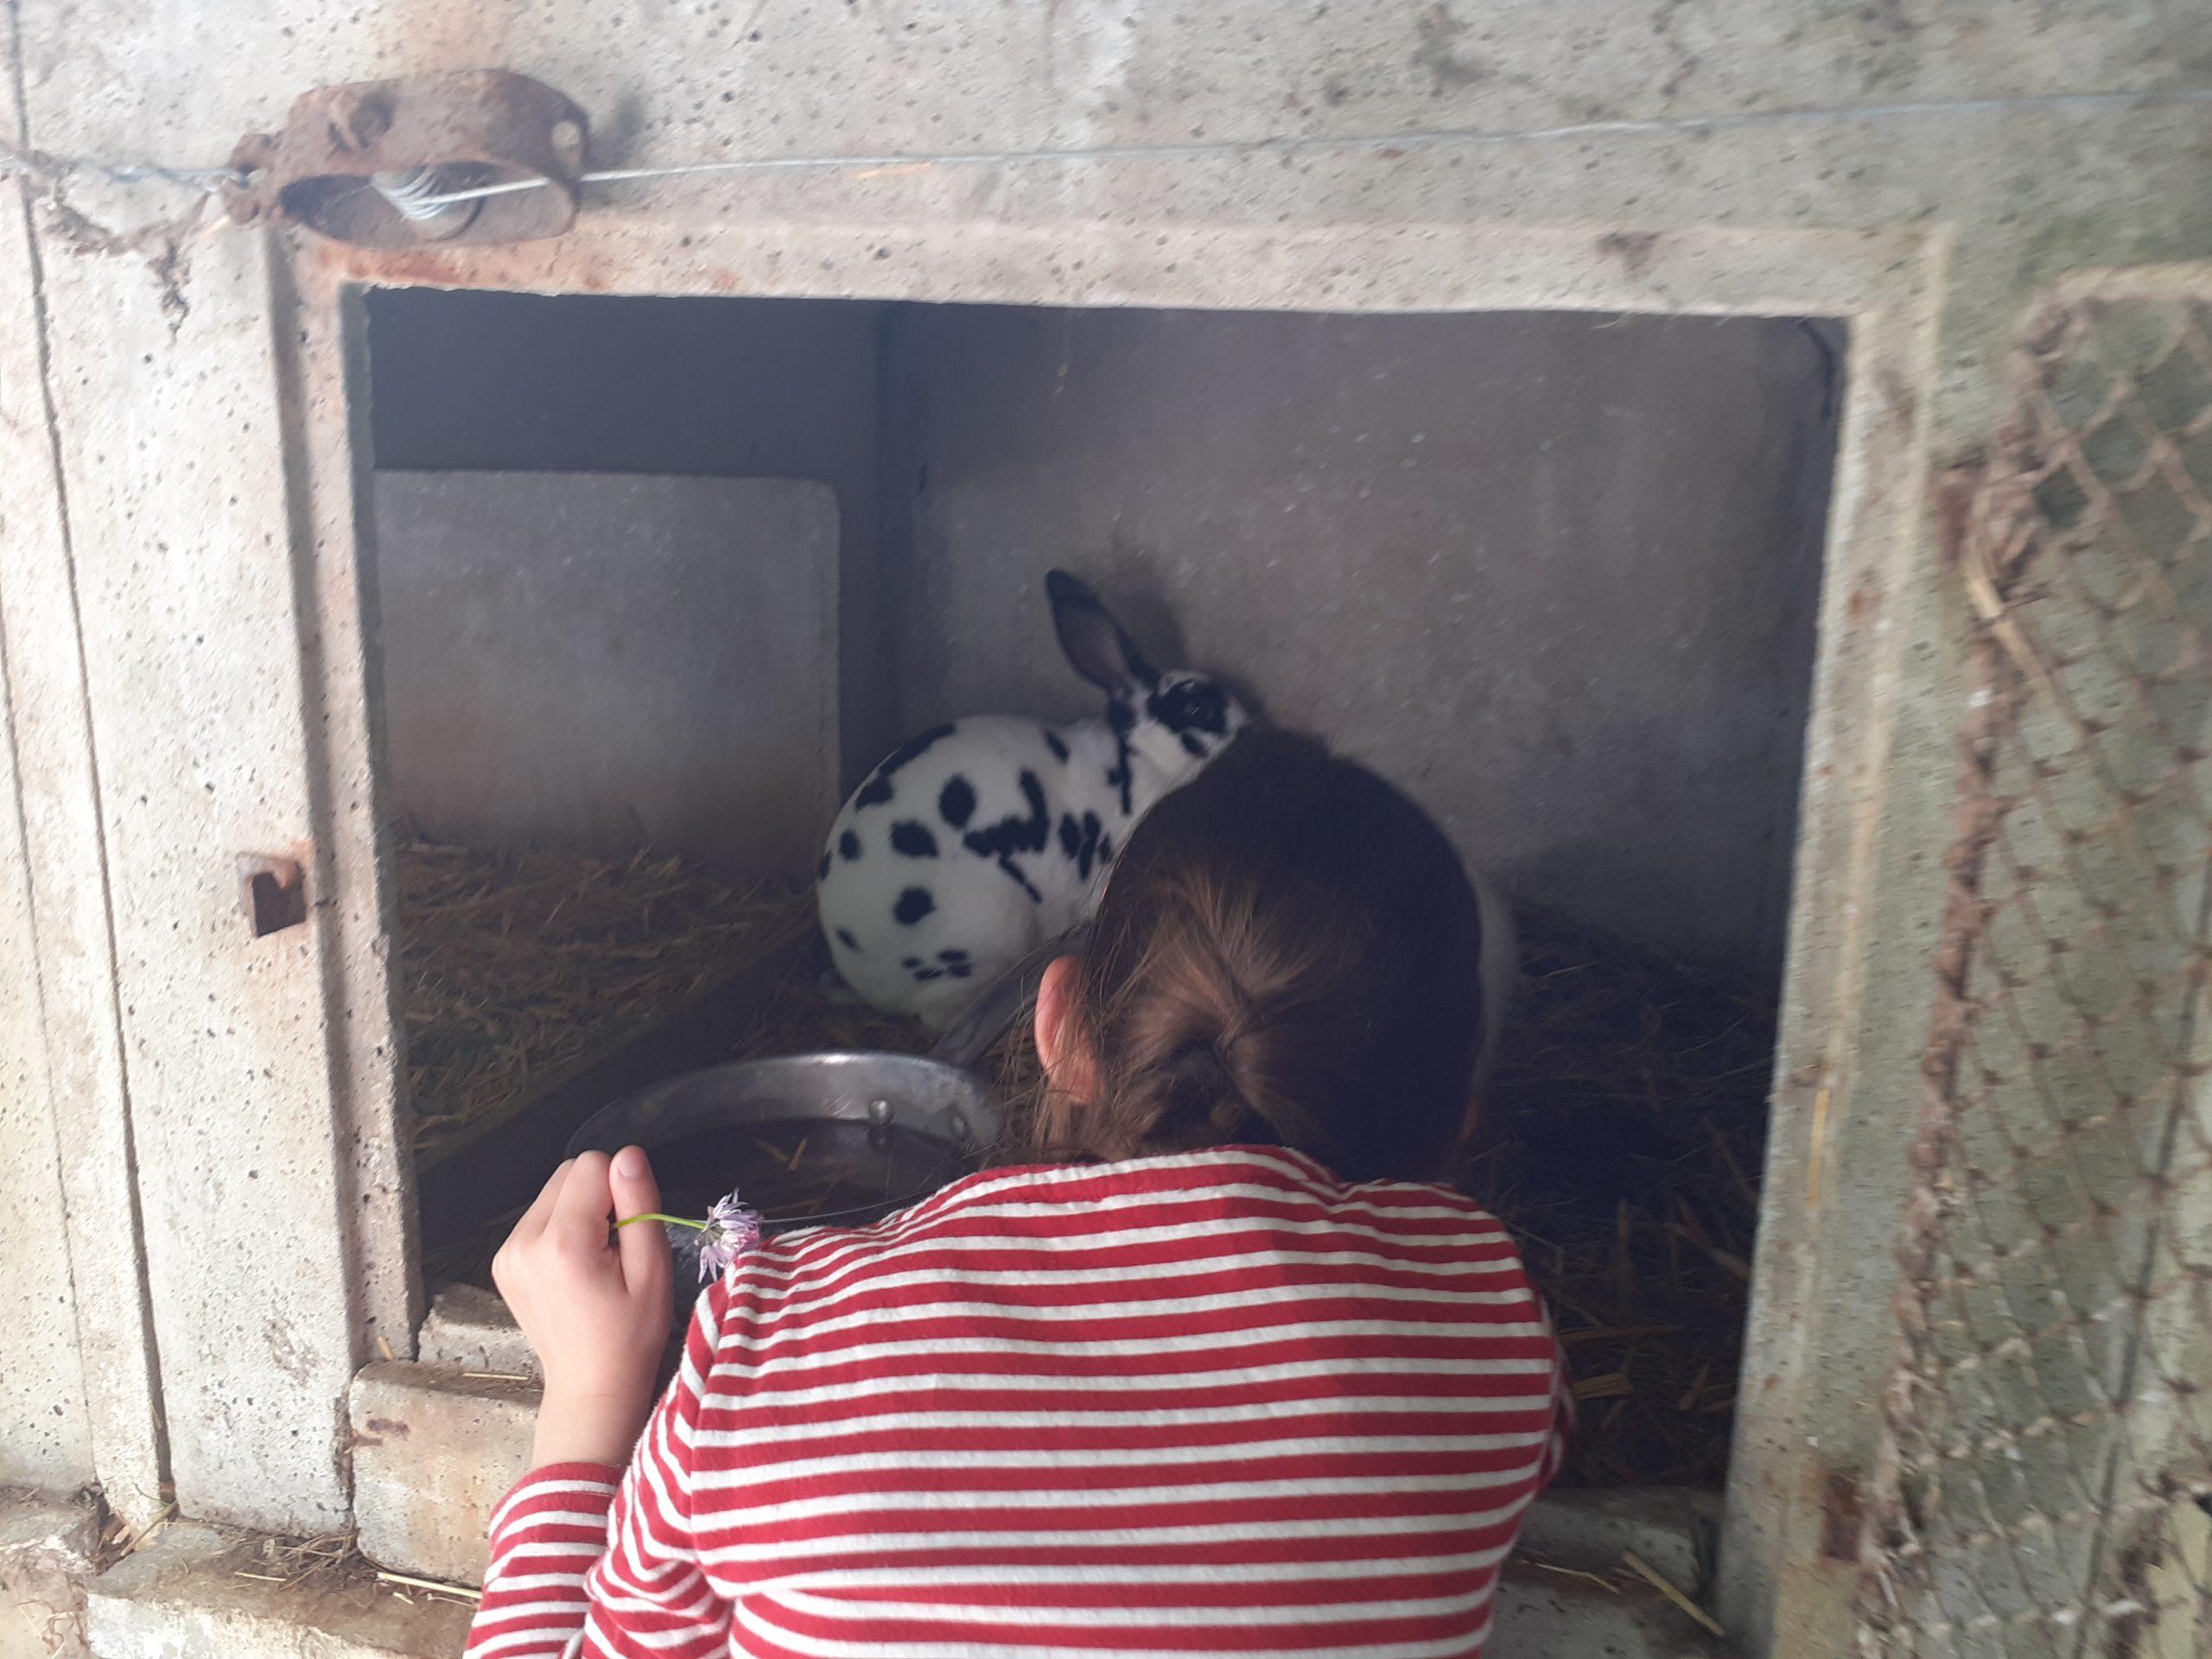 Un enfant devant une cages à lapin